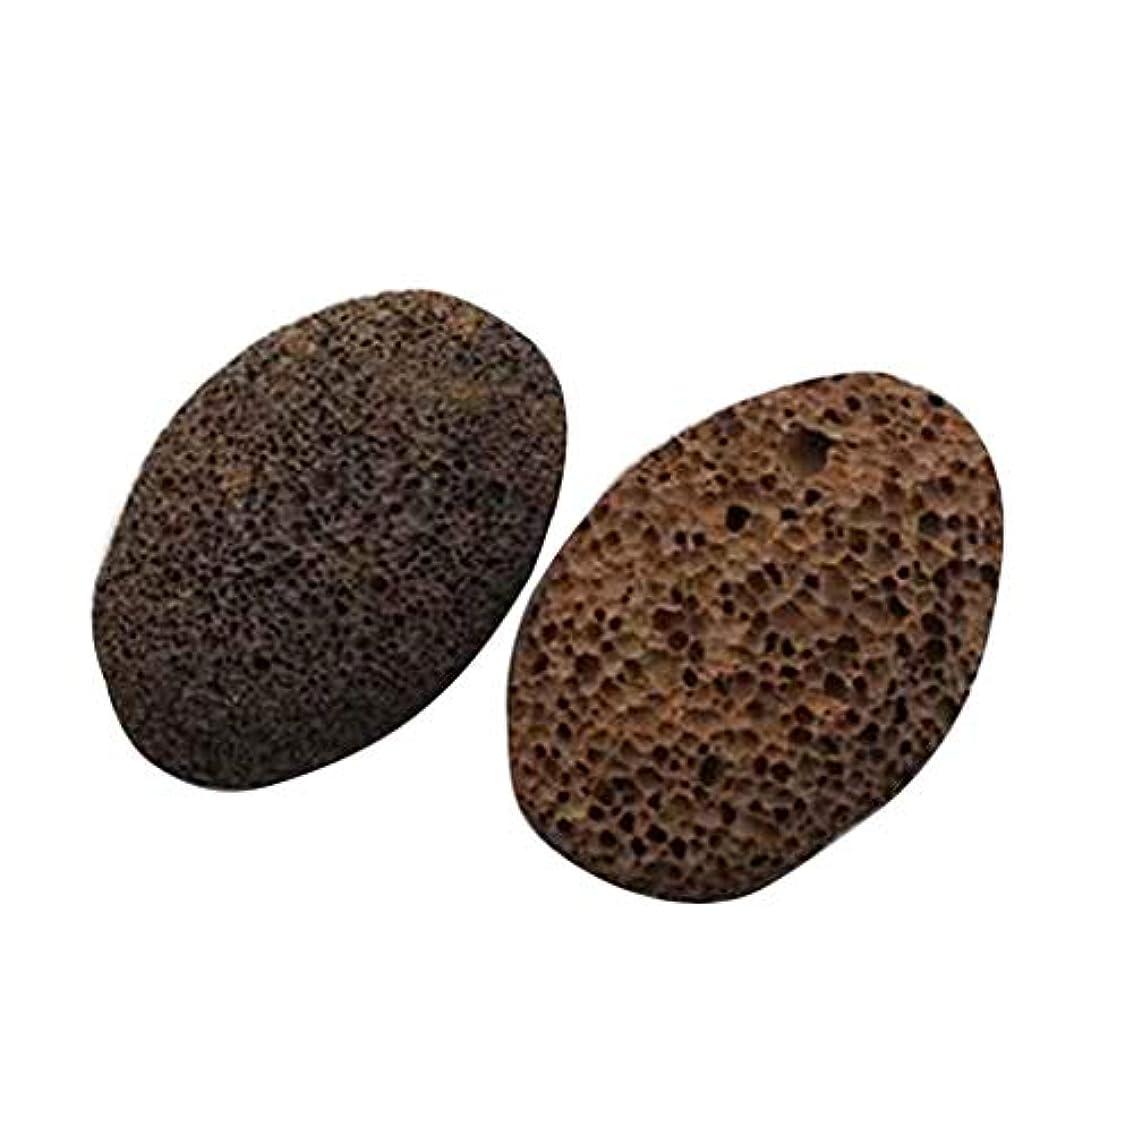 ネックレットアクション入植者Vonarly ワイプ足石 死んだ皮軽石を取り除き 足石を挽いて 自然の火山石を剥がします 足マッサージ石 2個セット